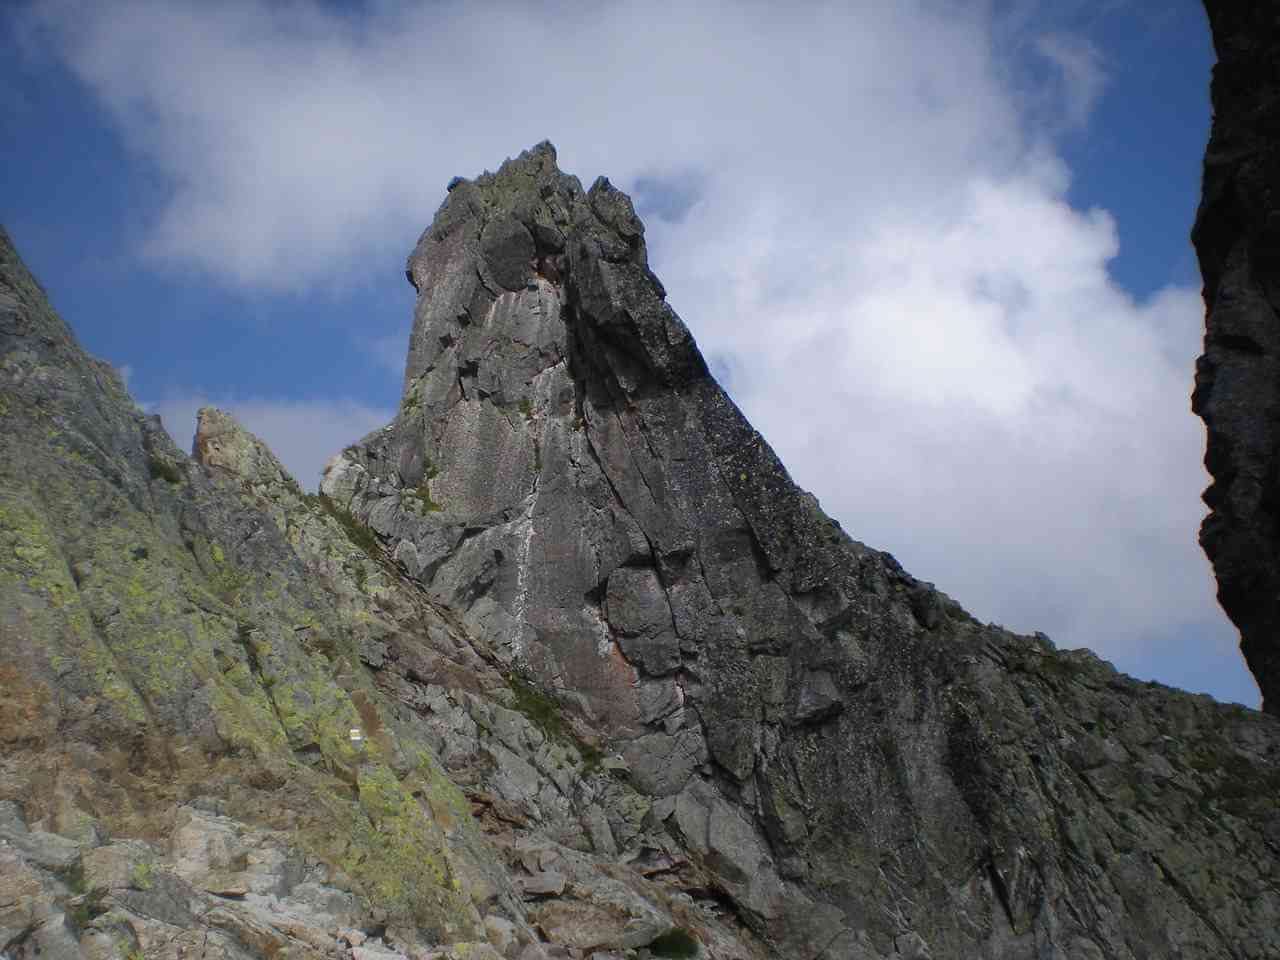 Szlak turystyczny Orla Perć